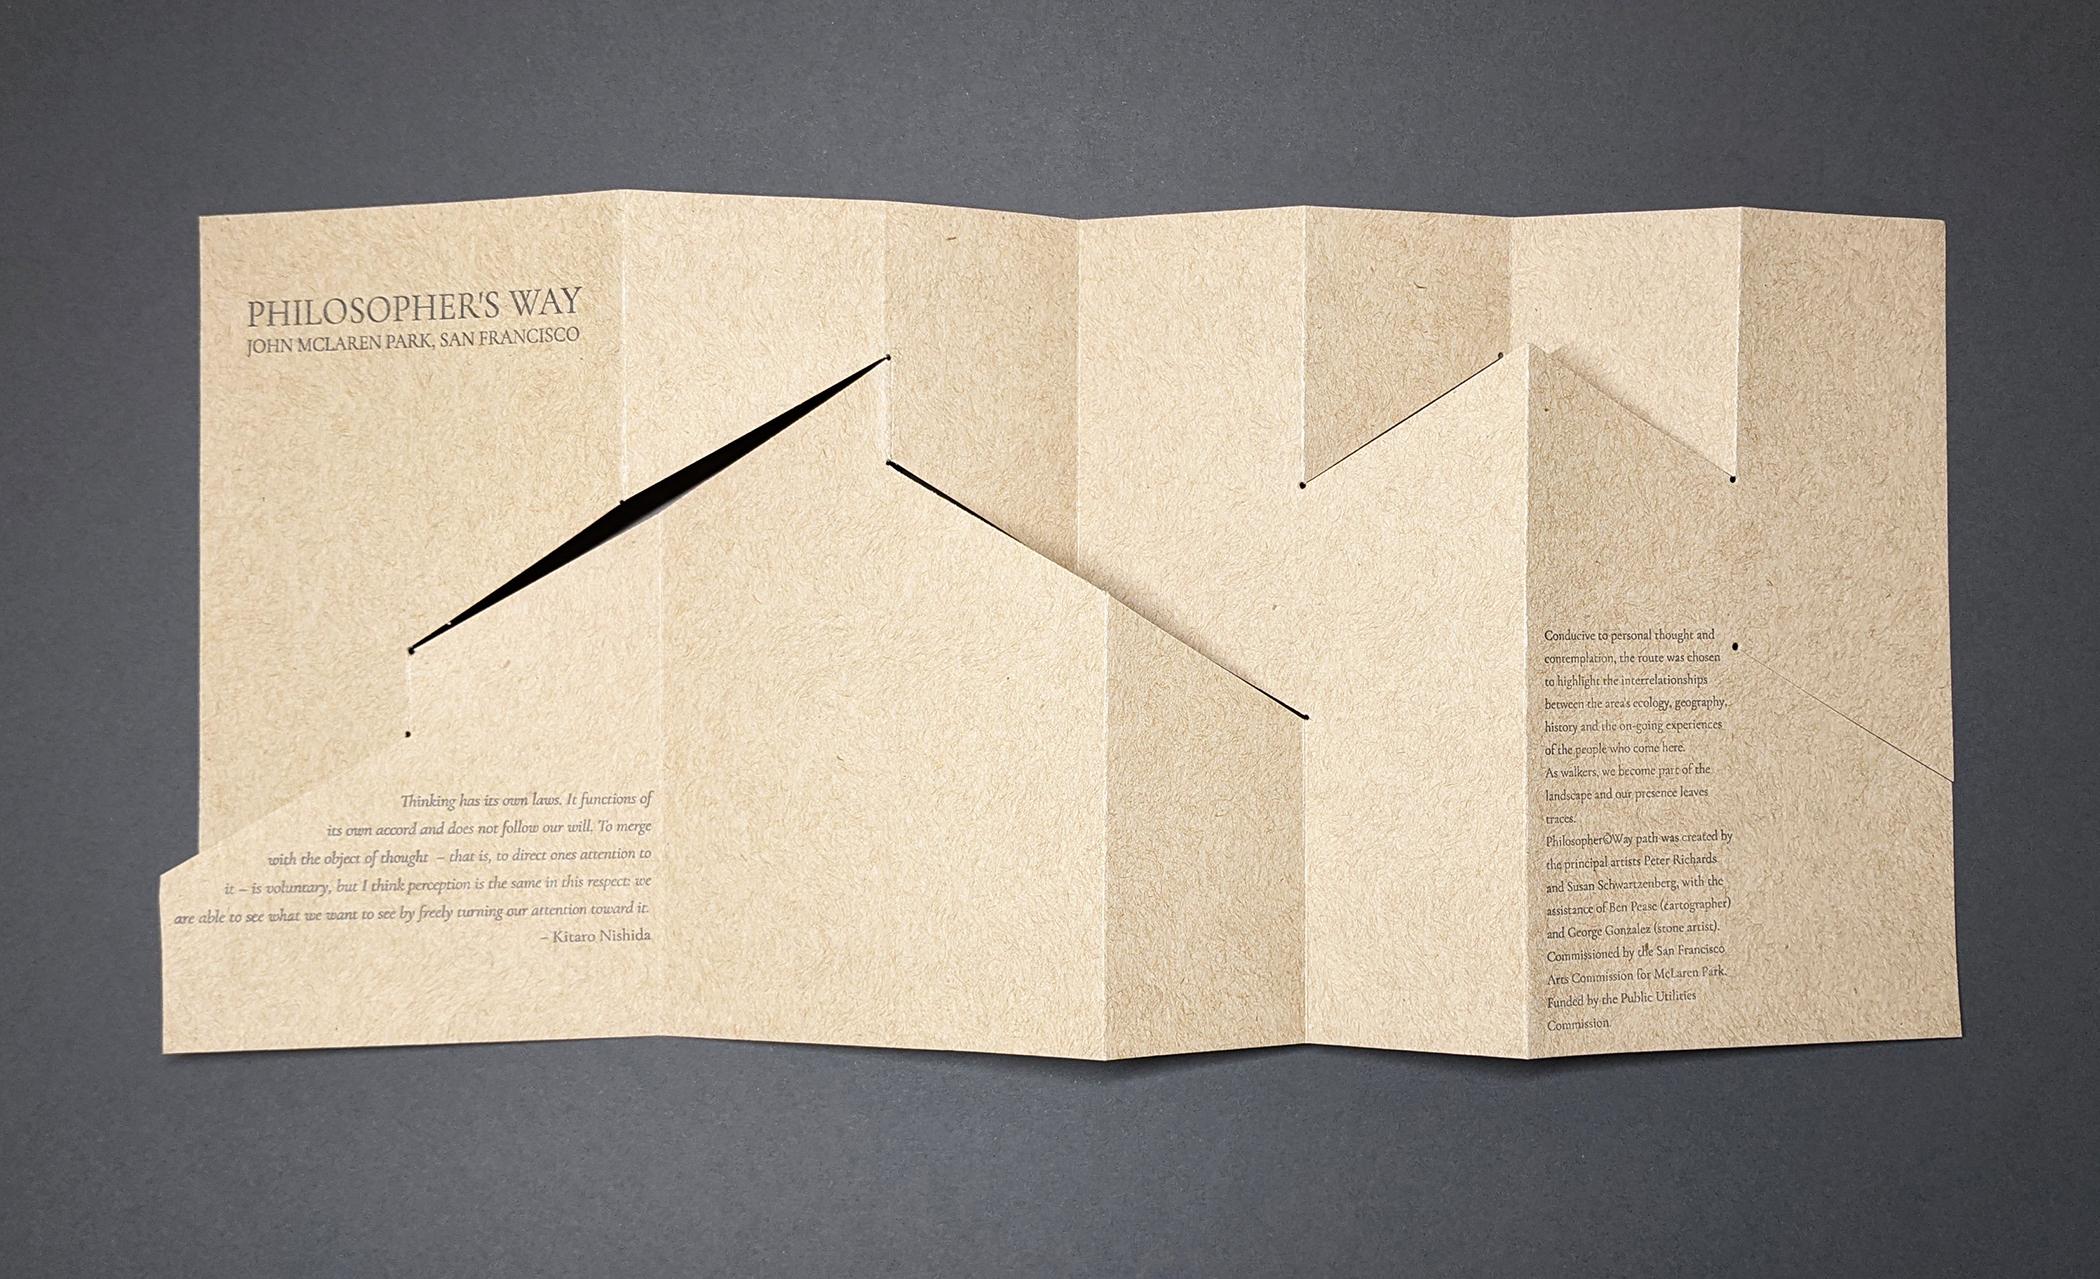 Rhiannon Alpers, Philosophers Way, Artist's Book, folded broadside letterpress printed, handcut, 6.25 x 14 flat, 6.25 x 3.5 folded, 2021